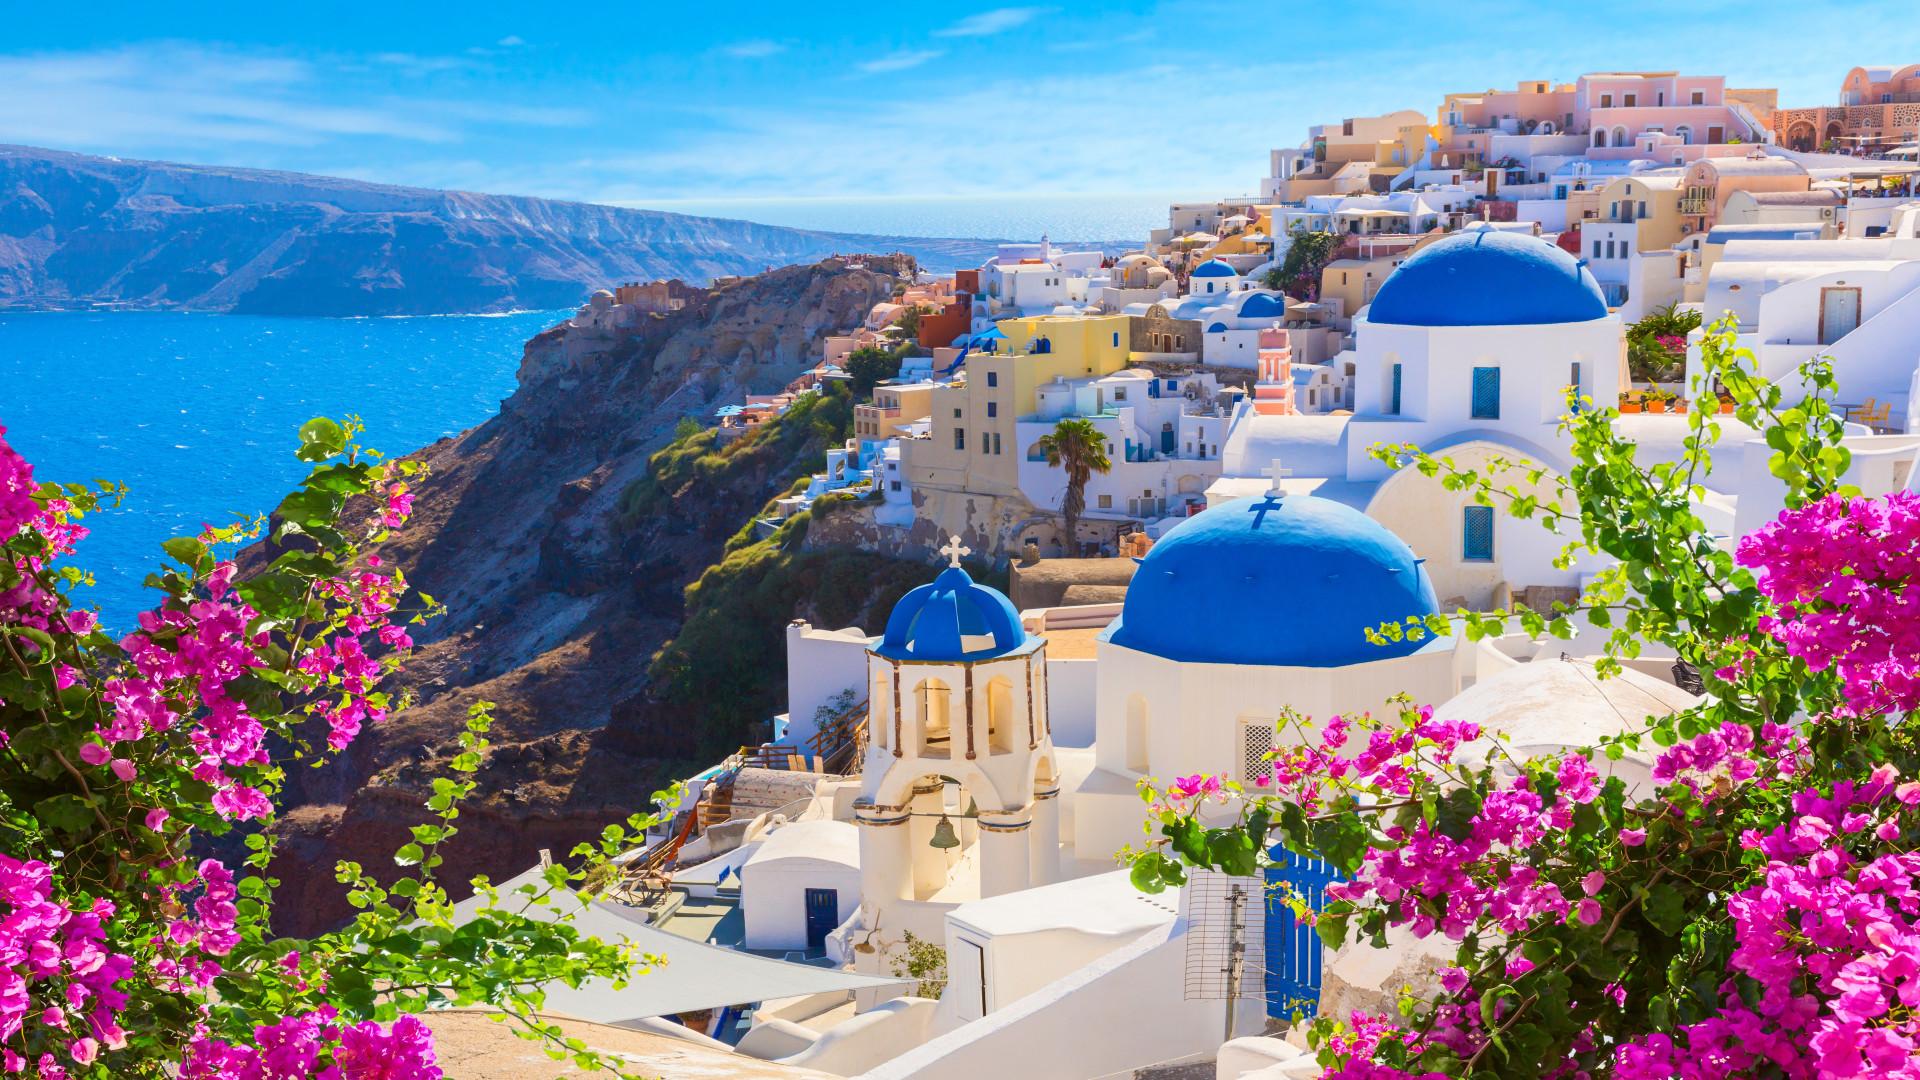 Oia stad met traditionele witte huizen en kerken met blauwe koepels, Santorini, Griekenland